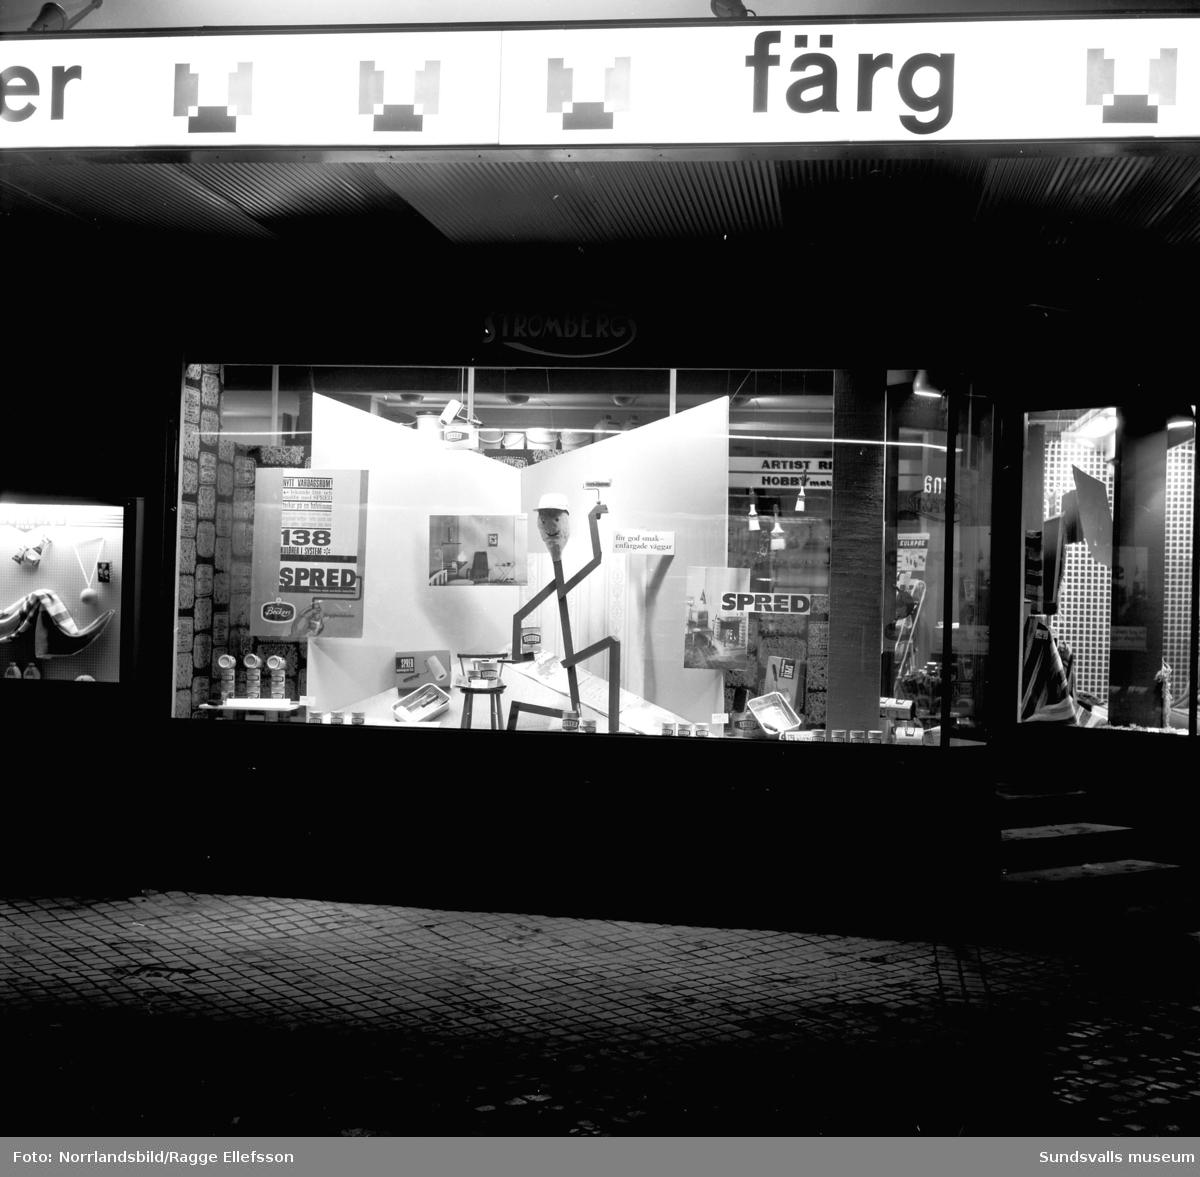 Strömbergs färghandel saluför insektsmedel i butiken och i skyltfönstret lockar man med väggfärgen Spred.